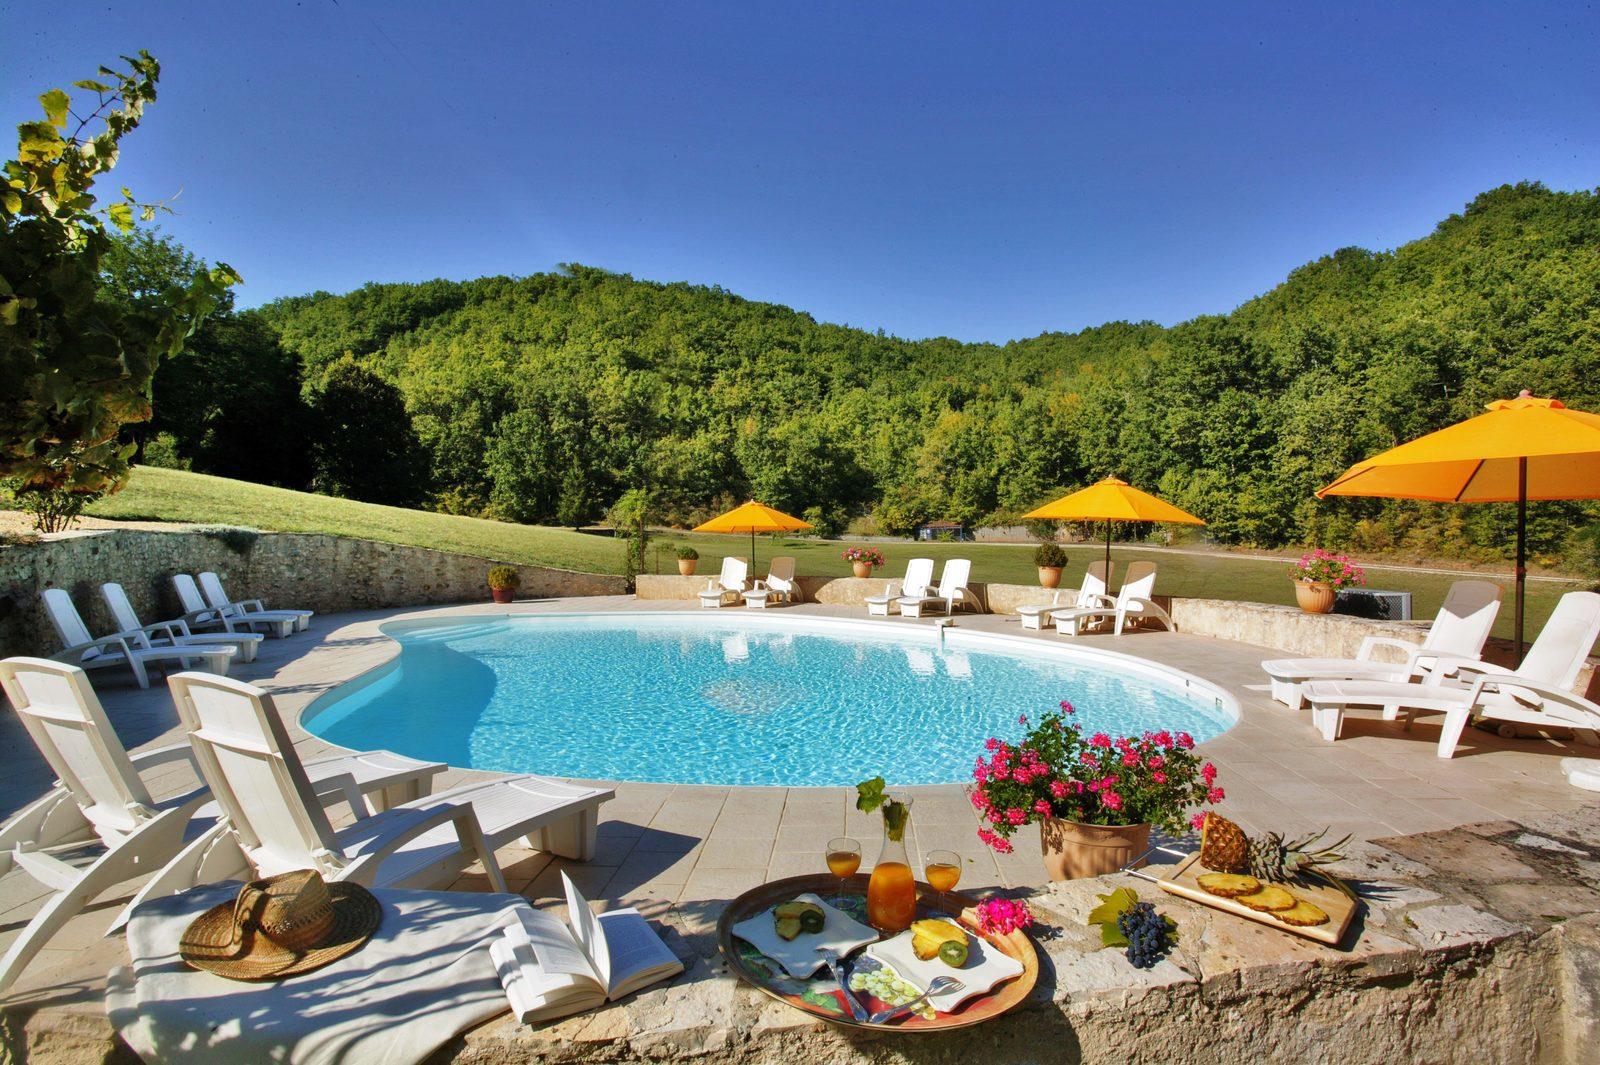 Vakantie, Frankrijk, zwembad, verwarmd, Dordogne, kleinschalig, vakantiehuis, huren